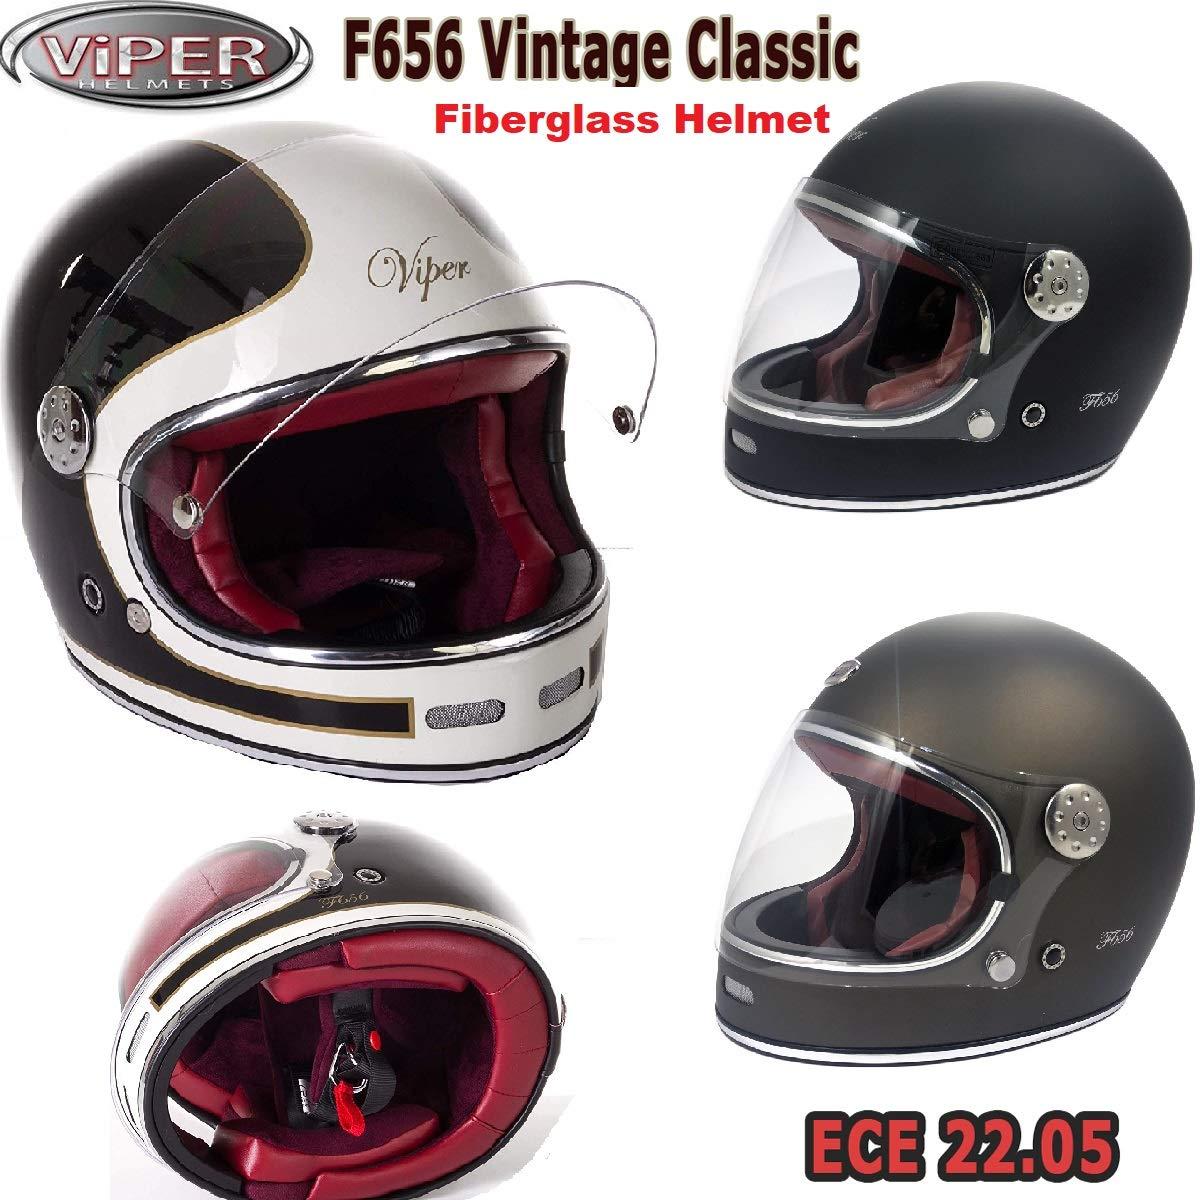 S 55-56 CM VIPER F656 INTEGRALE CASCO IN FIBRA DI VETRO STILE RETRO VINTAGE CLASSICO ECE 22-05 APPROVATO CUSTOM CHOPPER BOBBER BIANCA NERO CASCHI